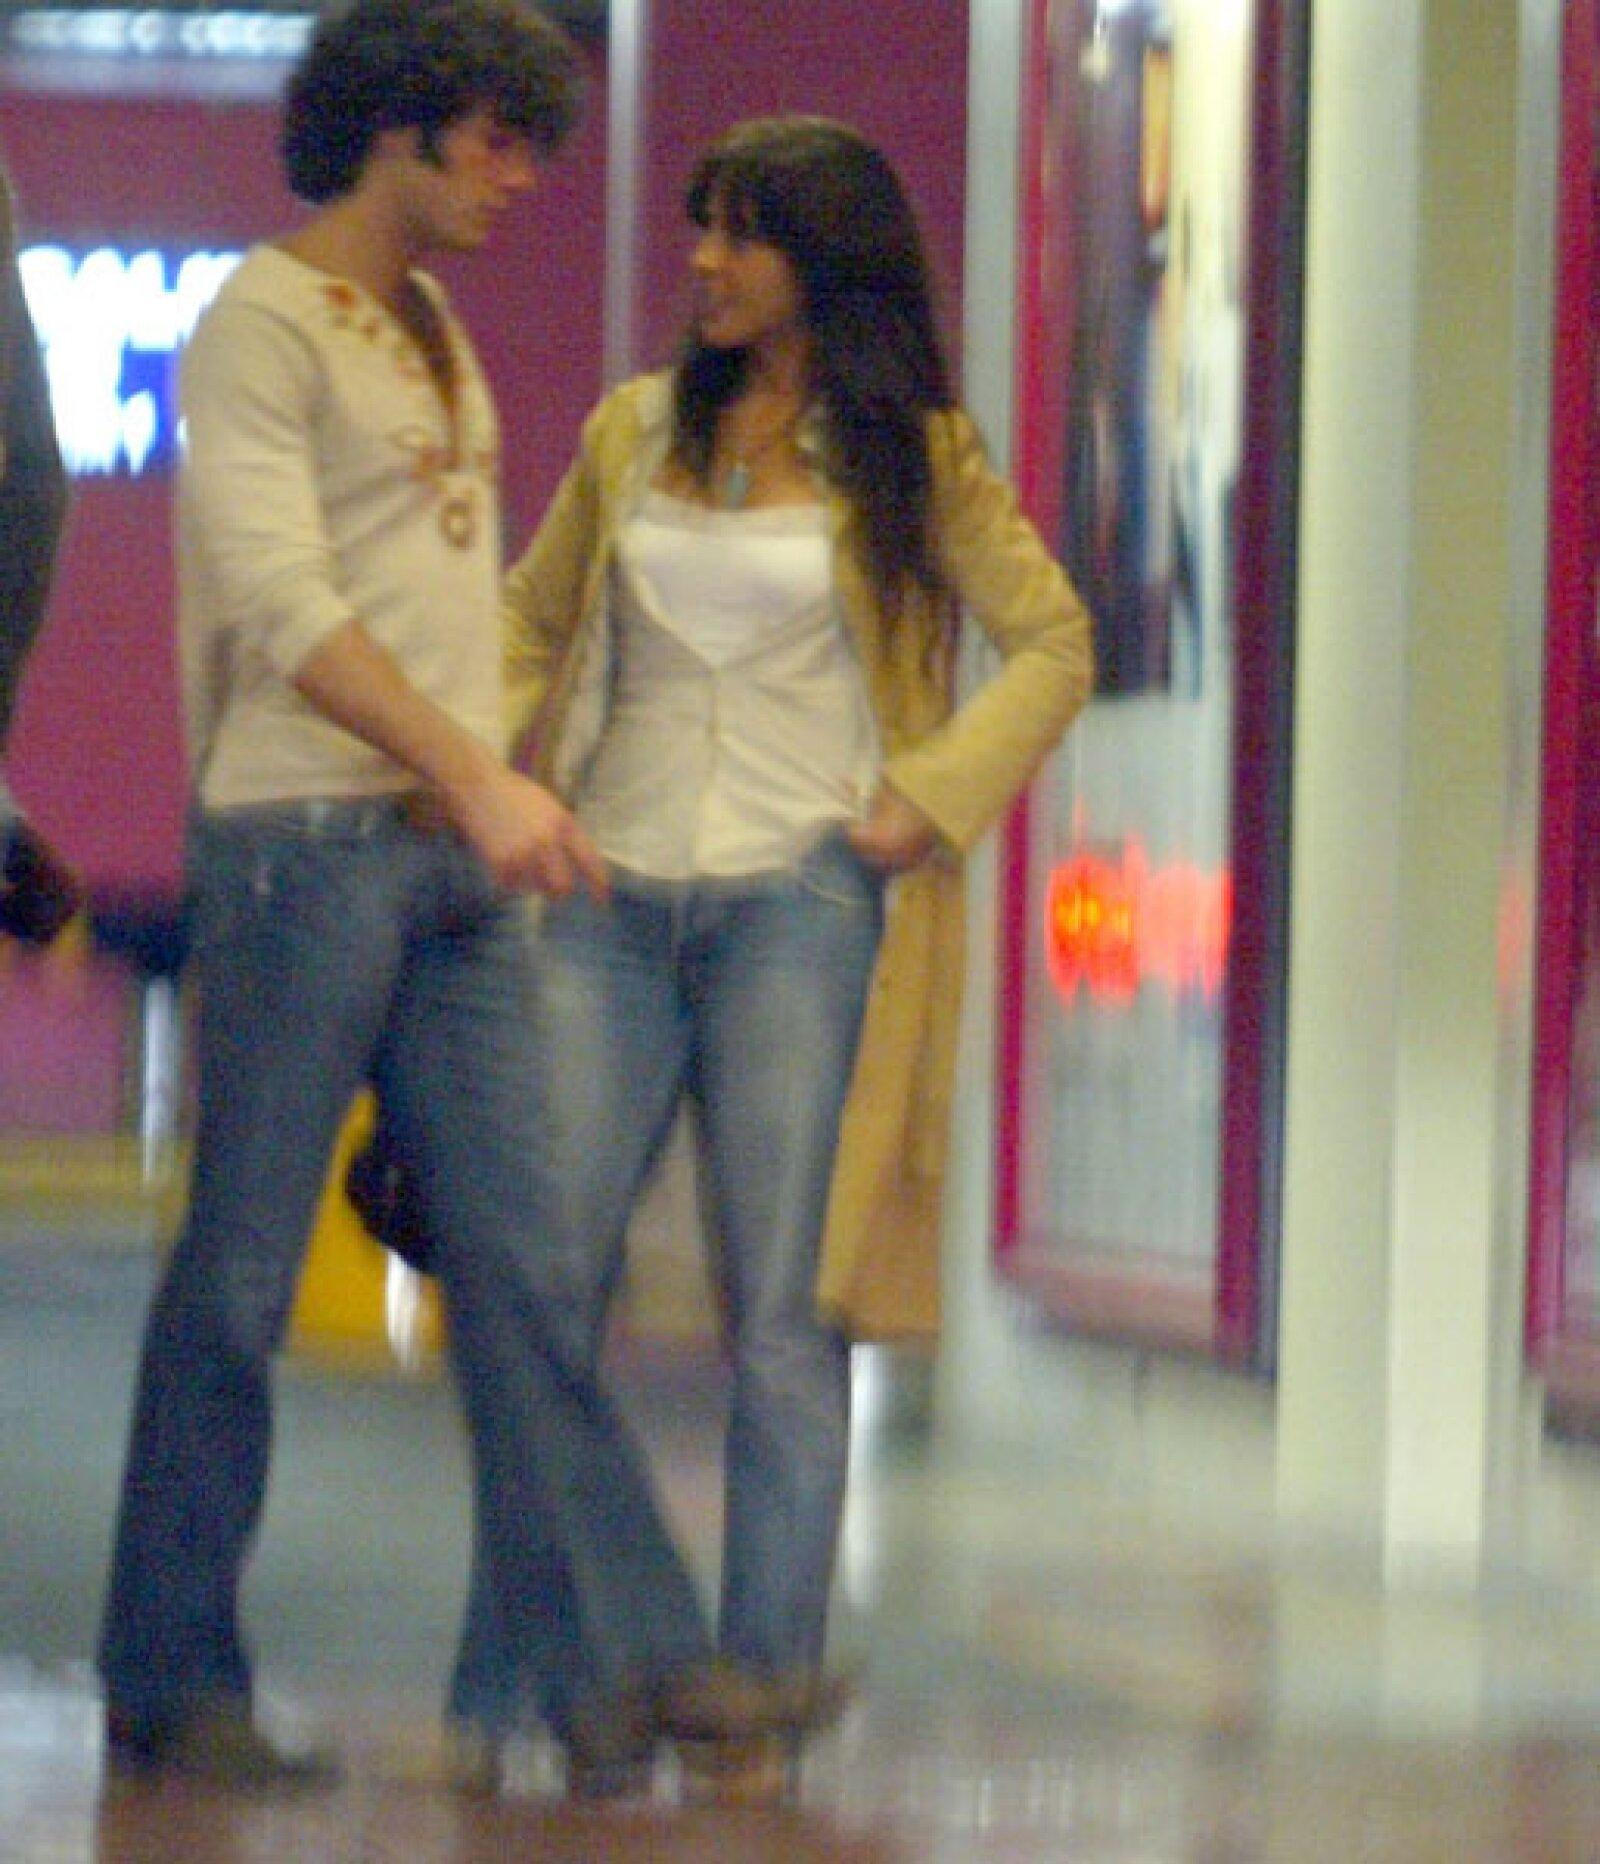 En 2006 la relación entre Kate y Aarón se confirmaba tras la publicación de unas fotografías donde se les veía besándose. (Foto: Clasos.com)  En mayo de 2006 se hicieron novios por primera vez, cuando se conocieron durante la filmación de la película `Amas de casa´.